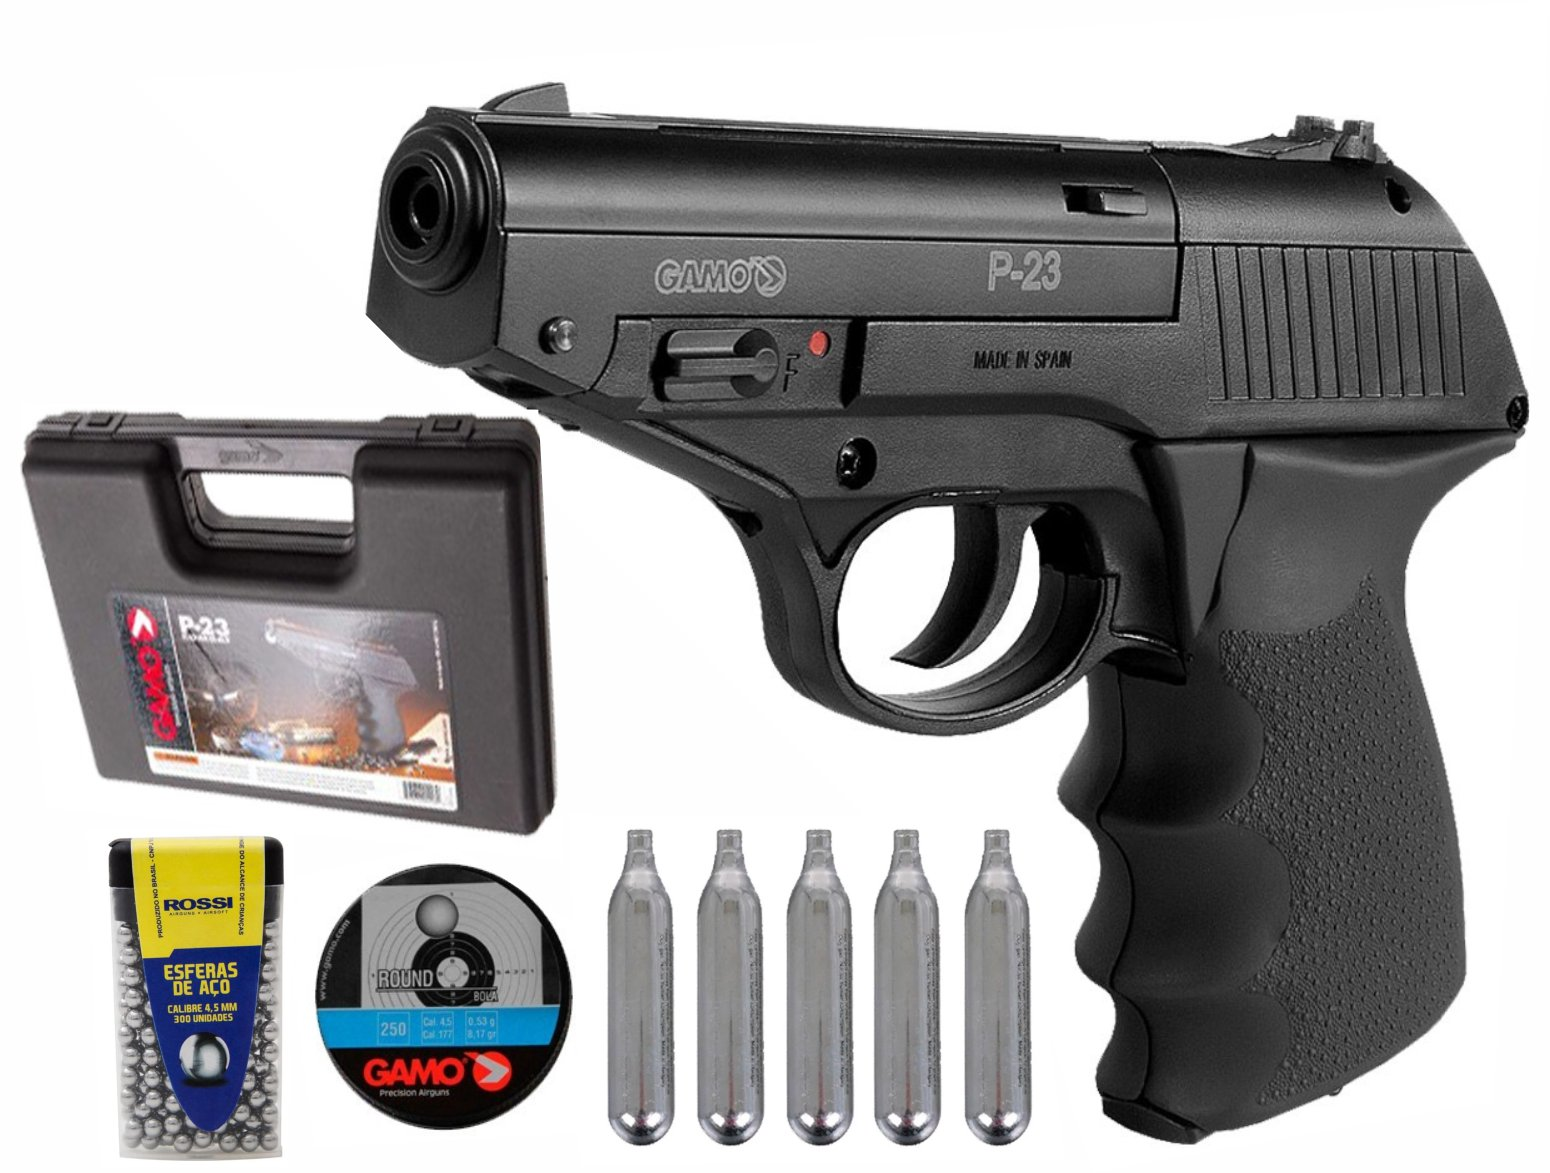 Pistolade Pressão Co2 Gamo P23 4,5mm 12 Tiros - Preta com 300 esferas  e 5 ampolas